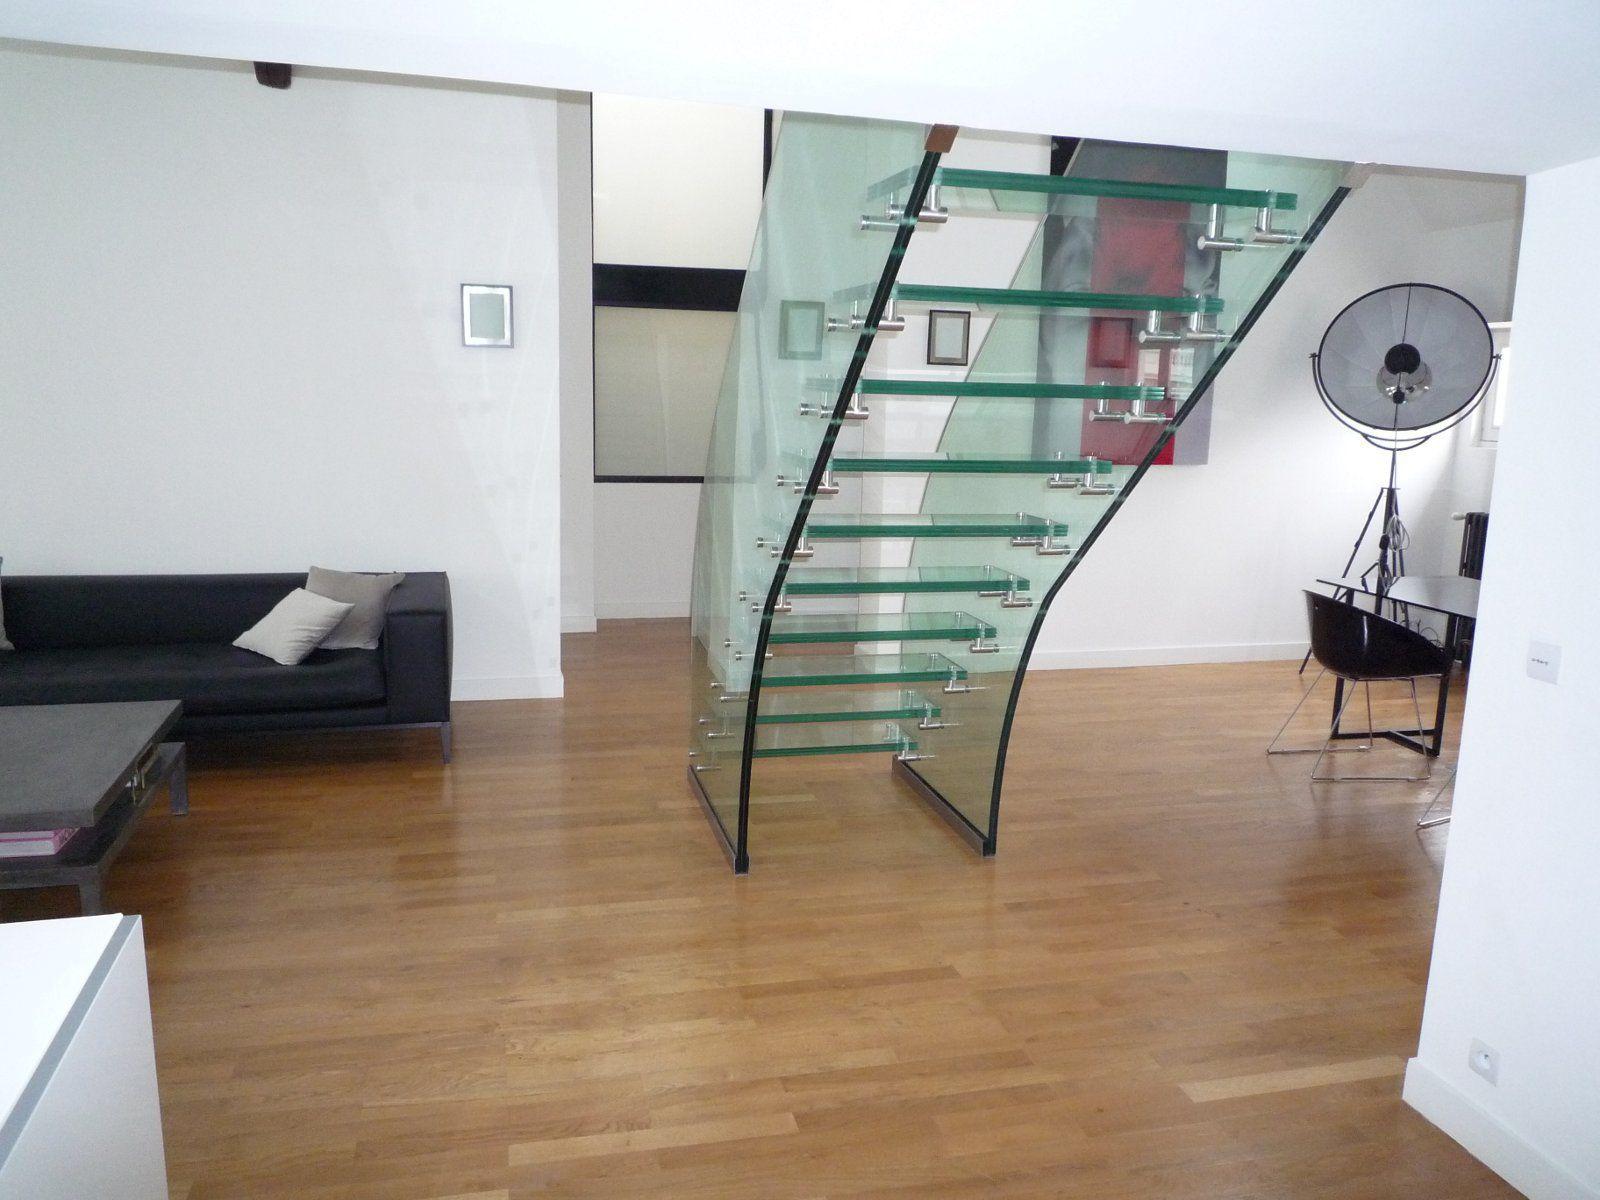 Escalier Droit Sans Rampe se rapportant à escalier droit / marche en verre / structure en verre / sans